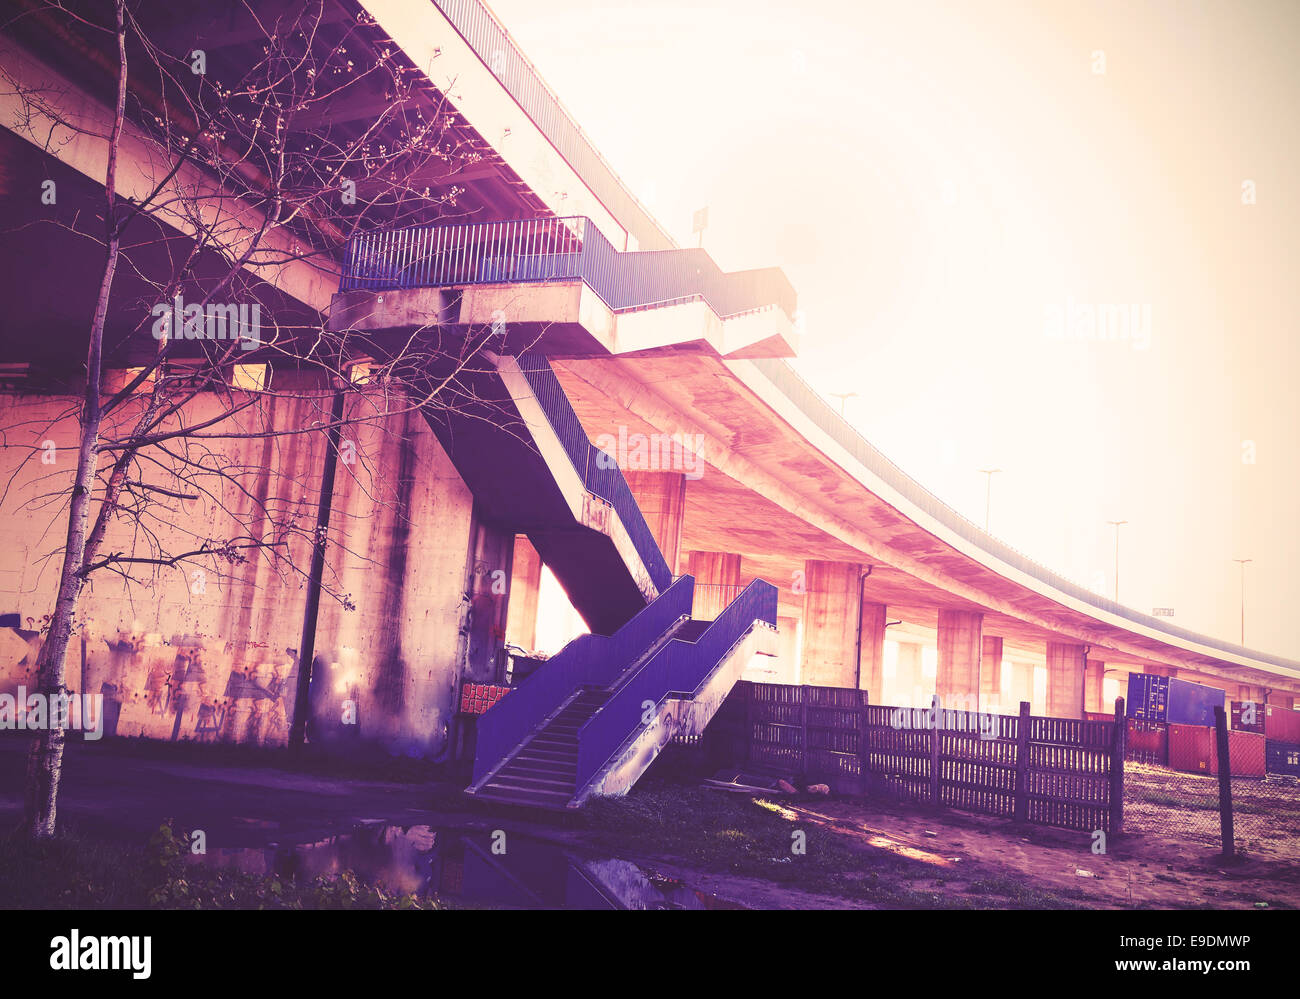 Vintage gefilterte Bild der Autobahn Treppen und Infrastruktur. Stockbild